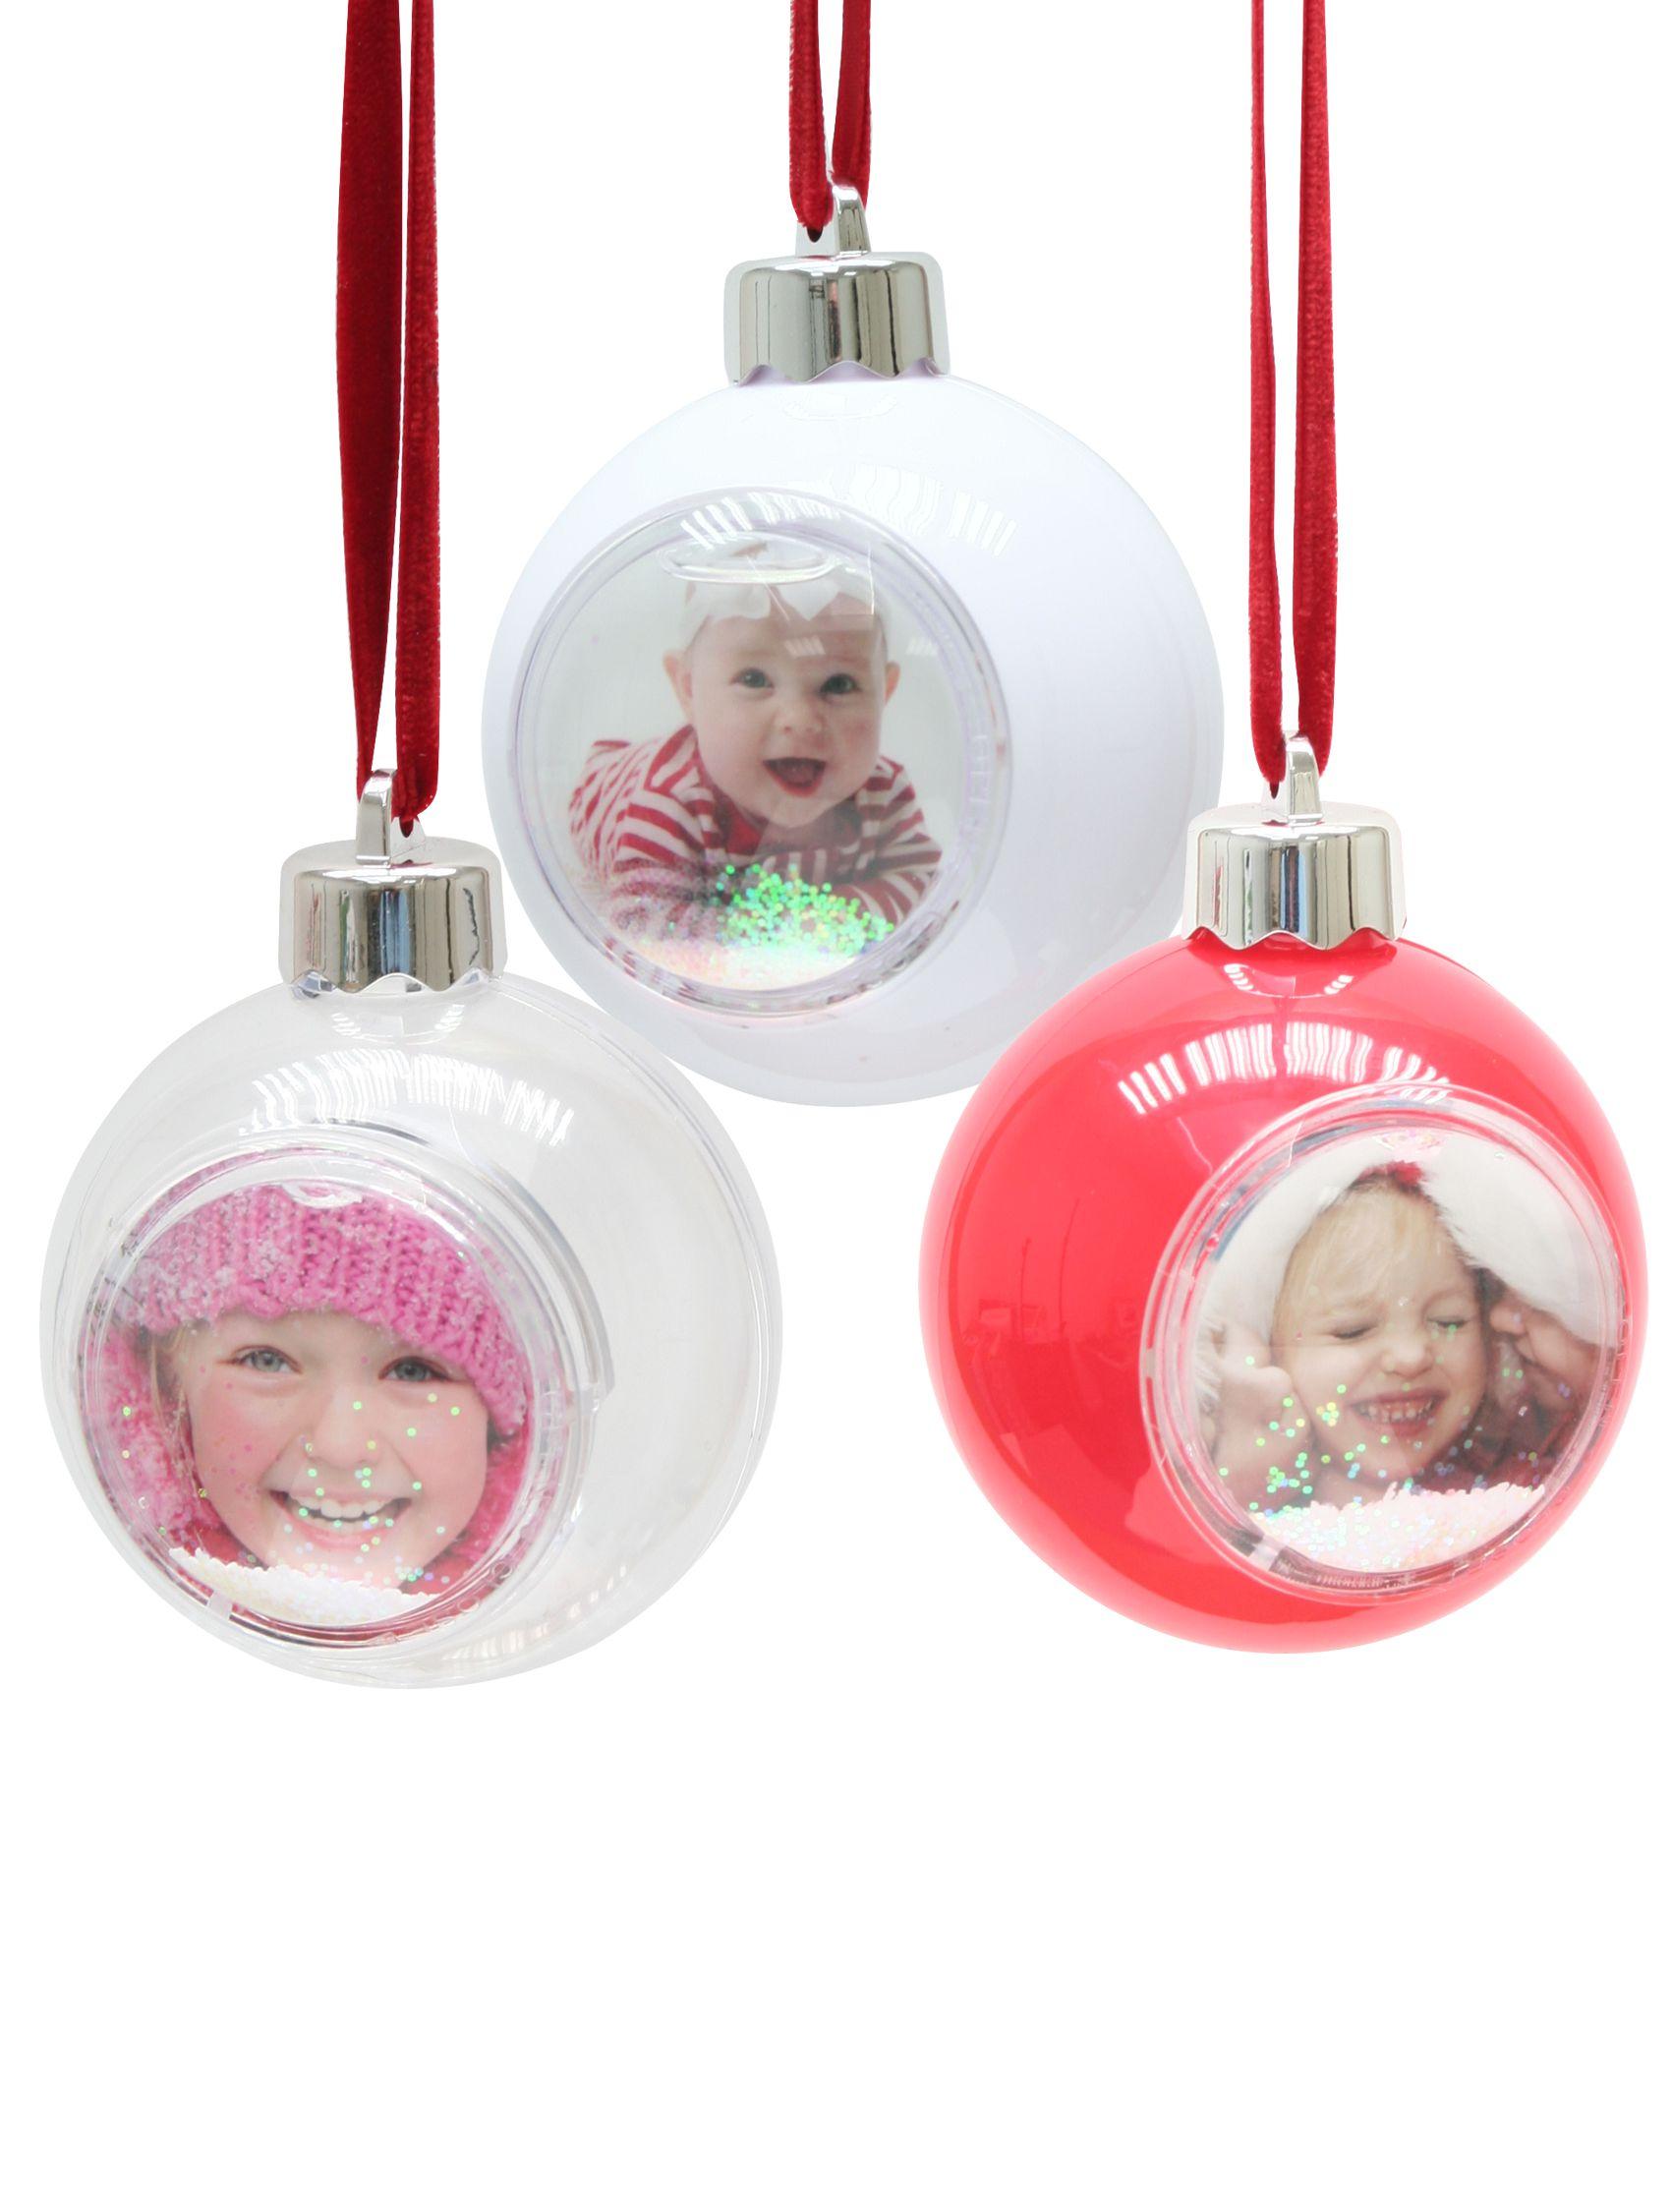 kerst, kerstbal met sneeuw en glitter, foto 5x5cm, rood, wit en transparant S66FC1